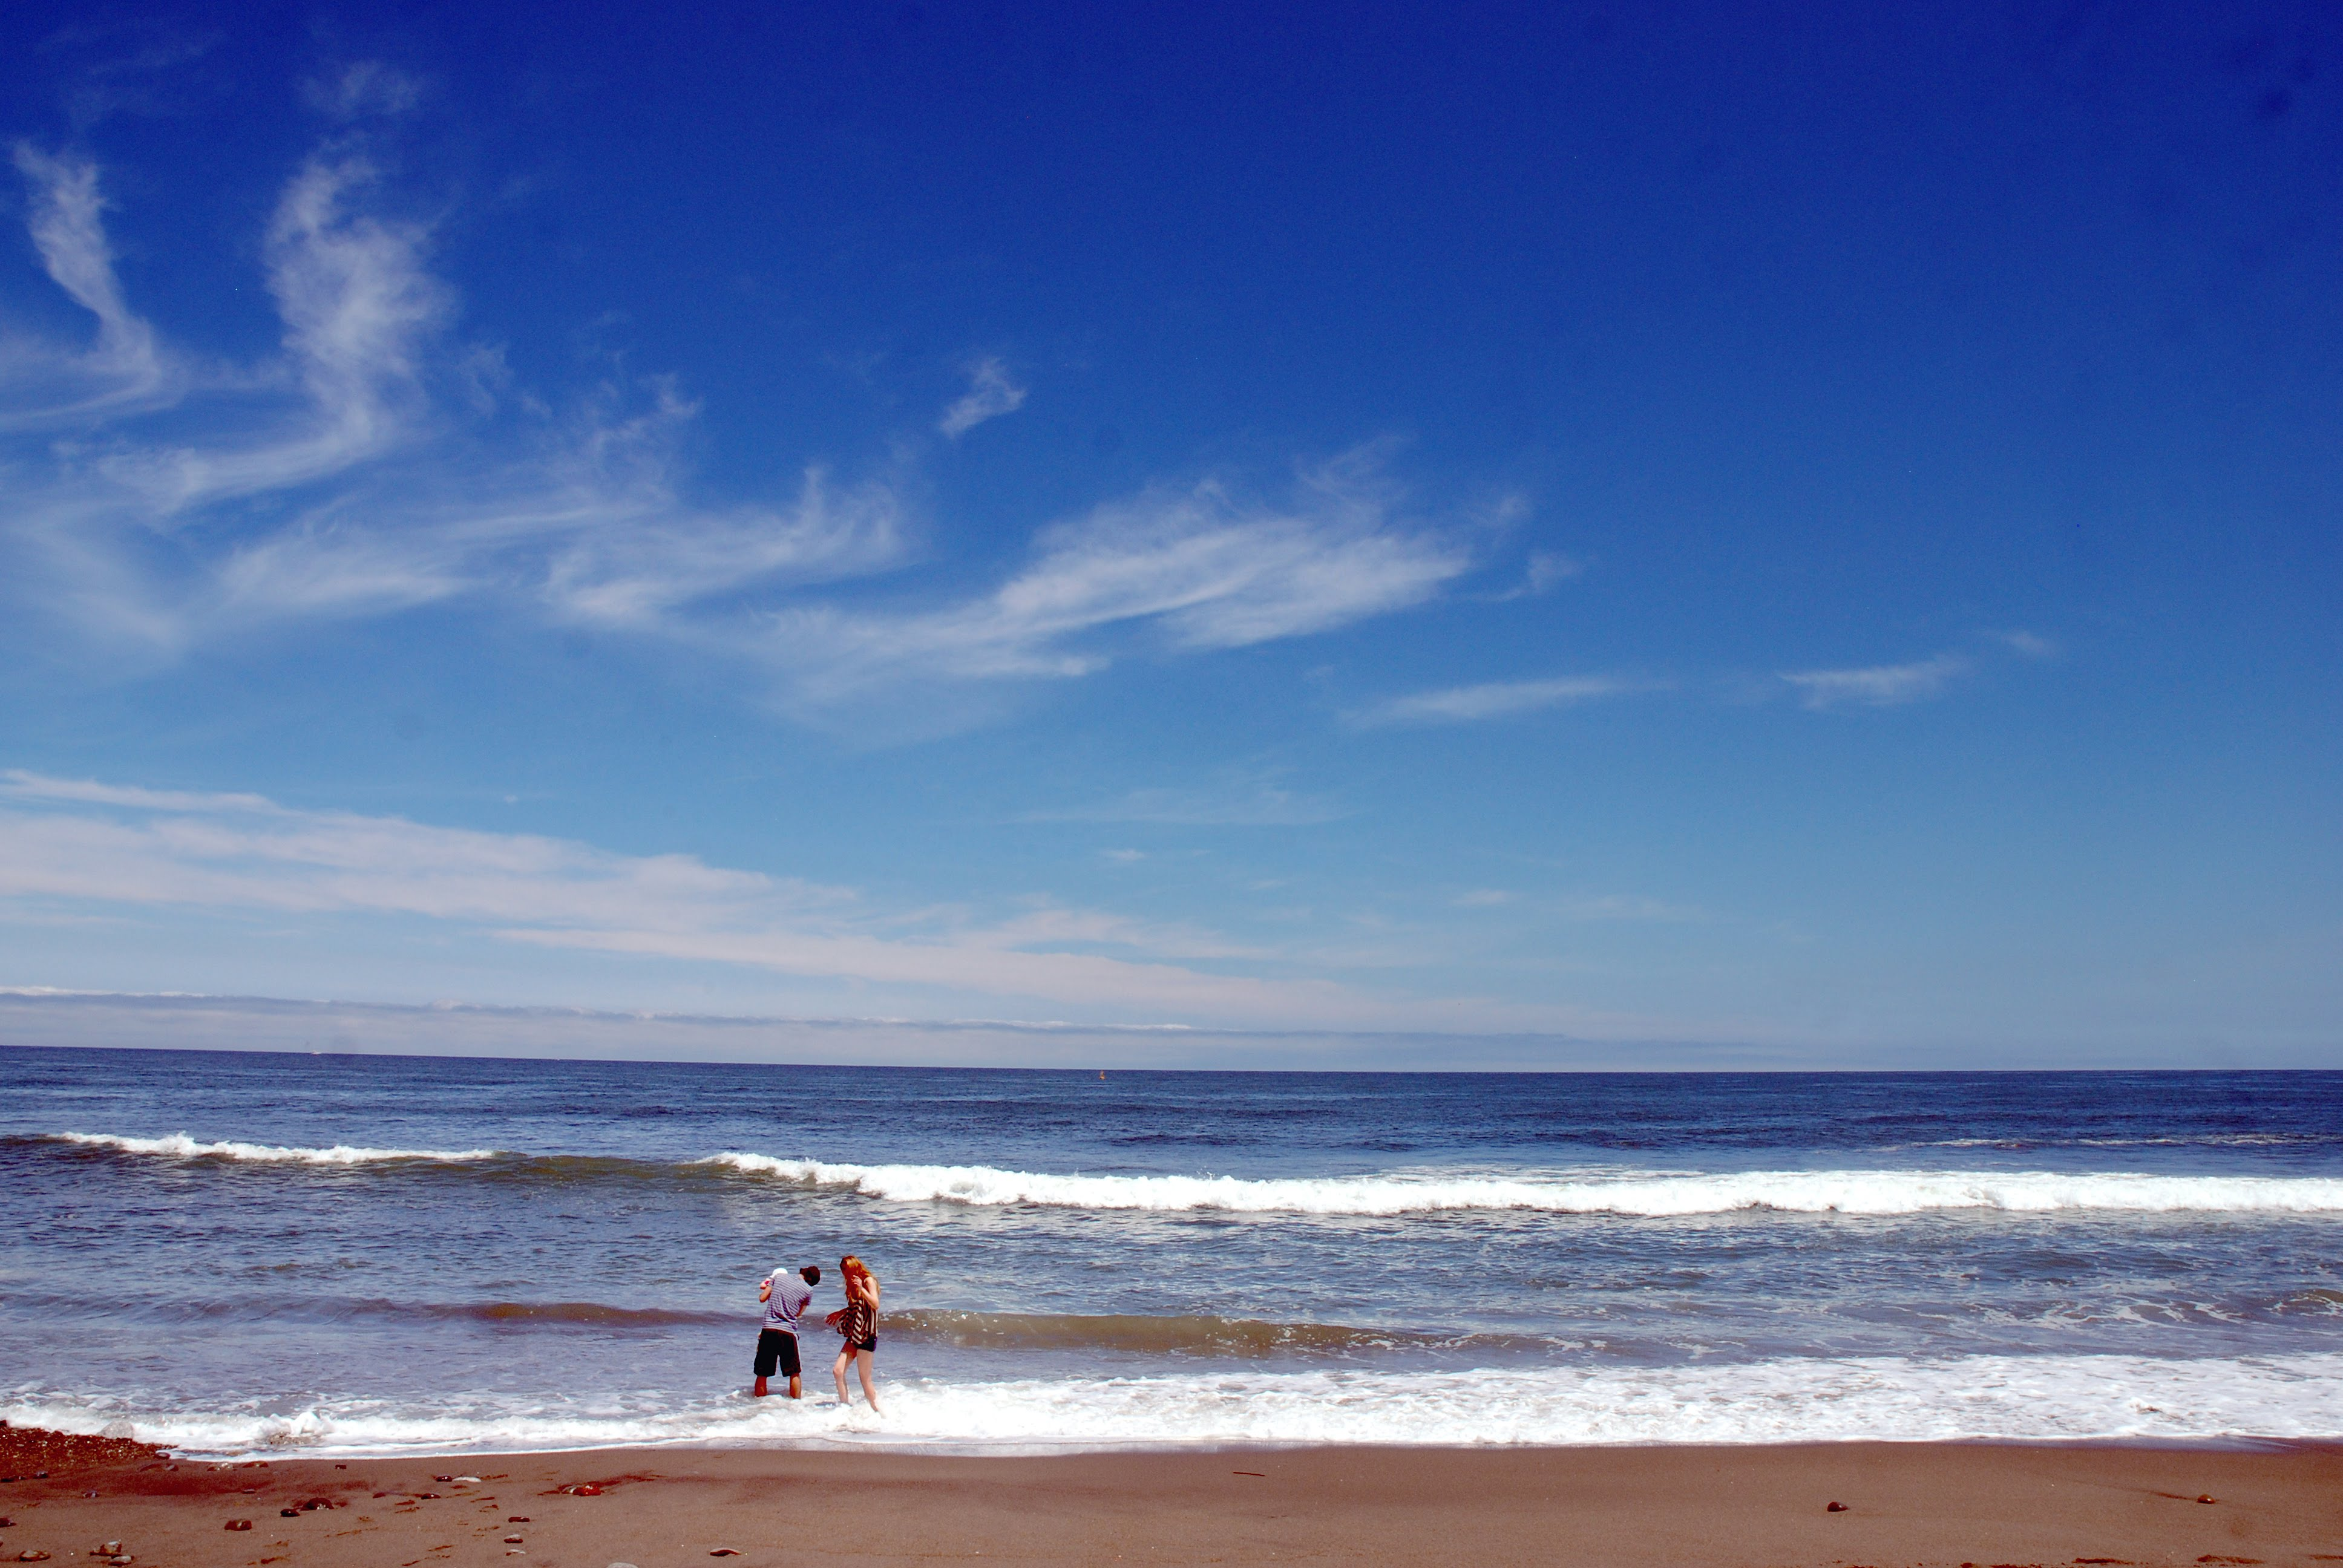 初夏の海岸-初めての海01